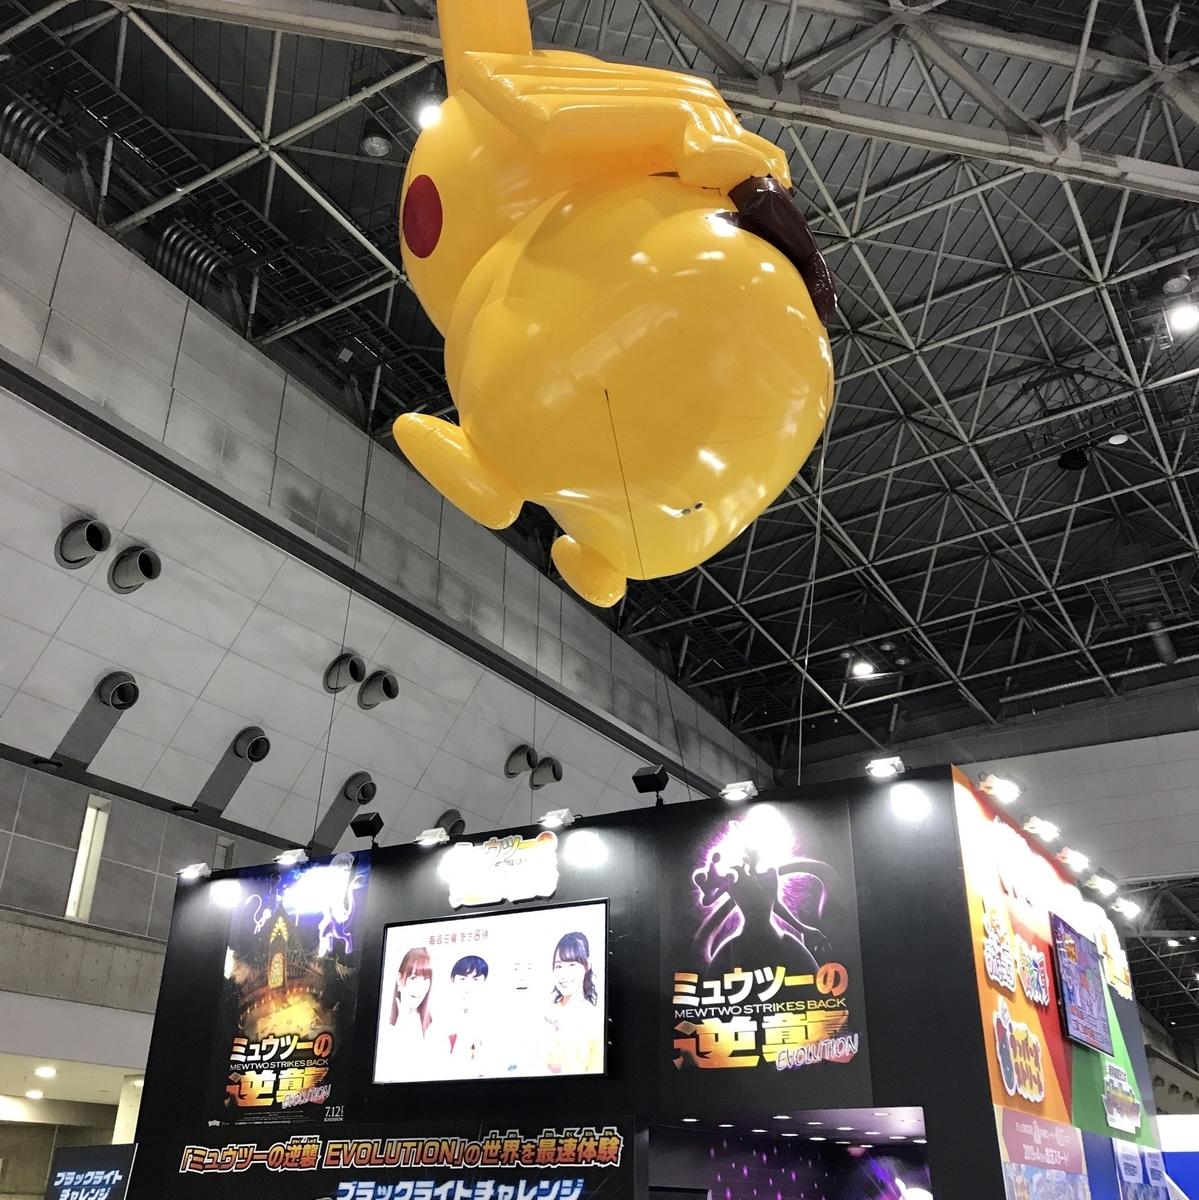 f:id:pikachu_pcn:20190323205116j:plain